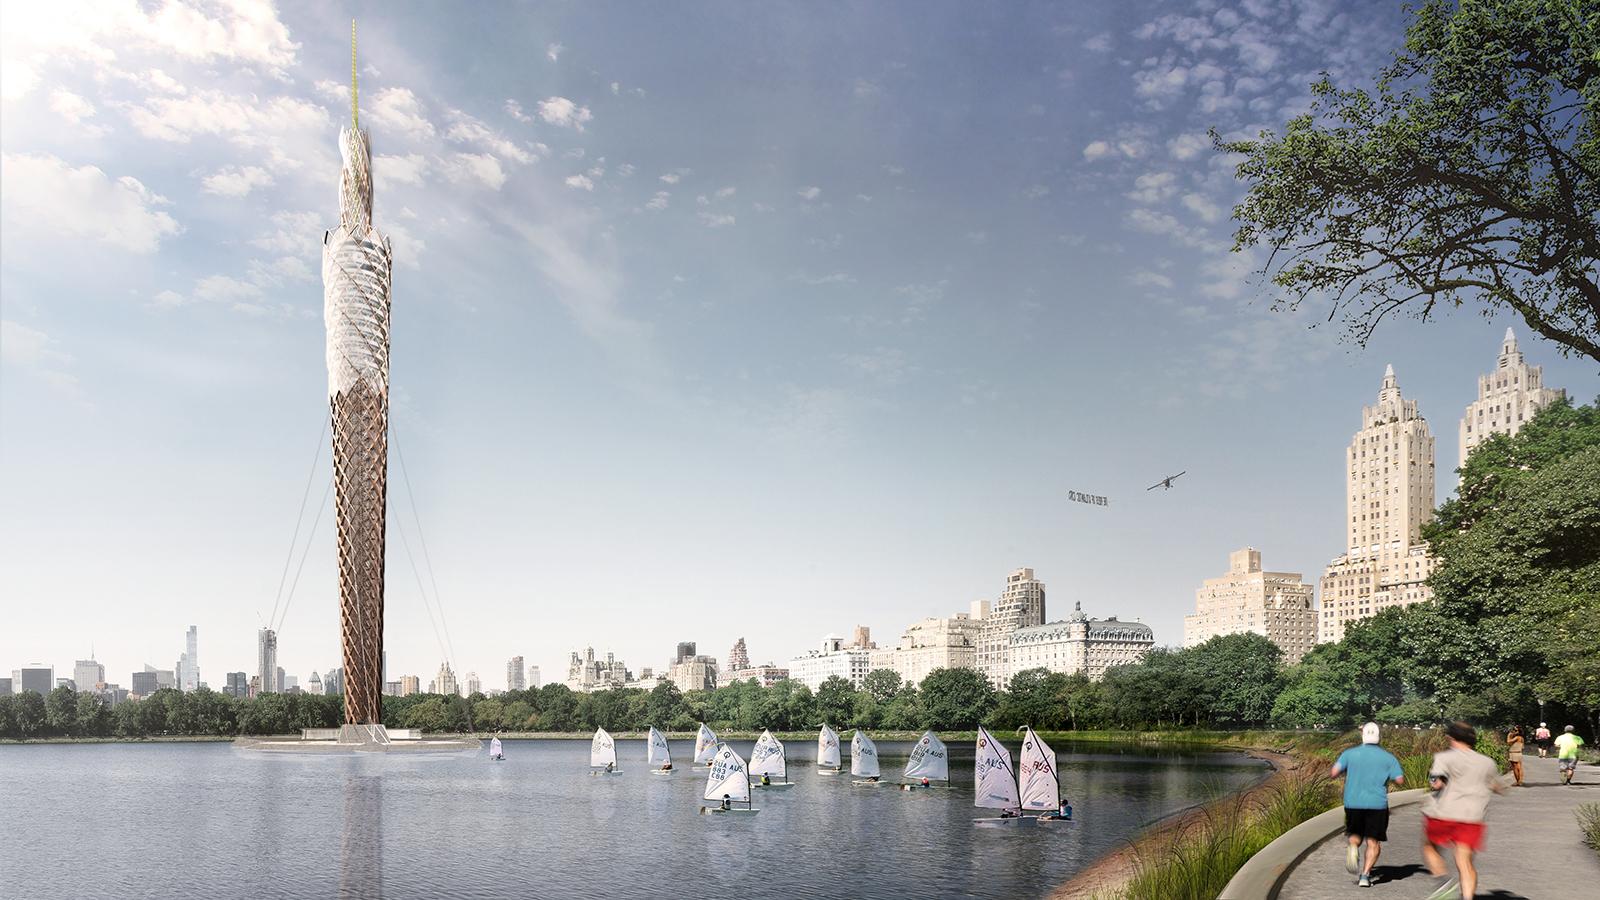 Projeto para a maior estrutura de madeira do mundo pode despoluir o lago do Central Park em Nova Iorque